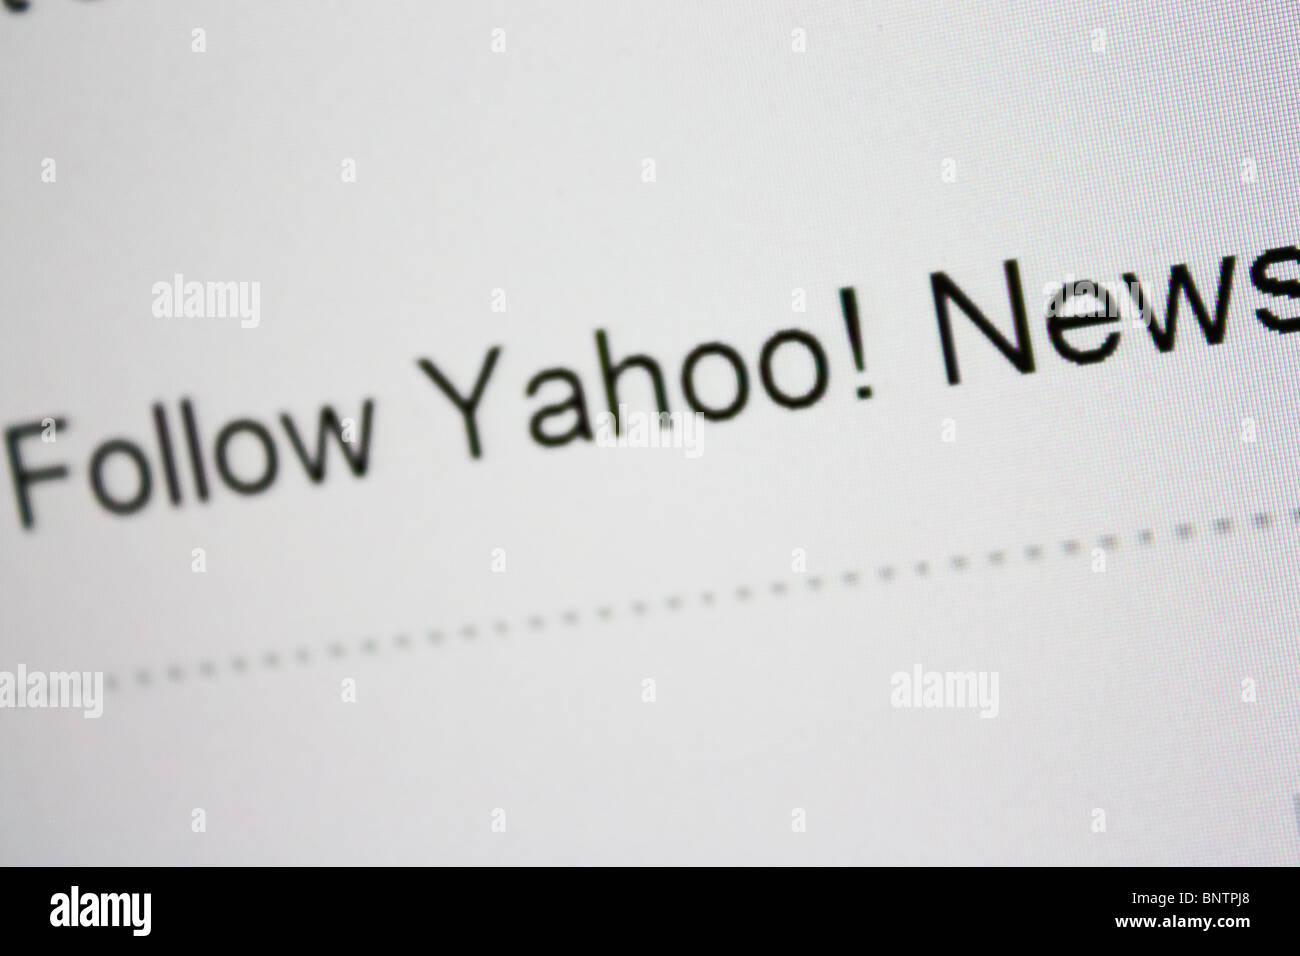 Seguire yahoo notizie Immagini Stock